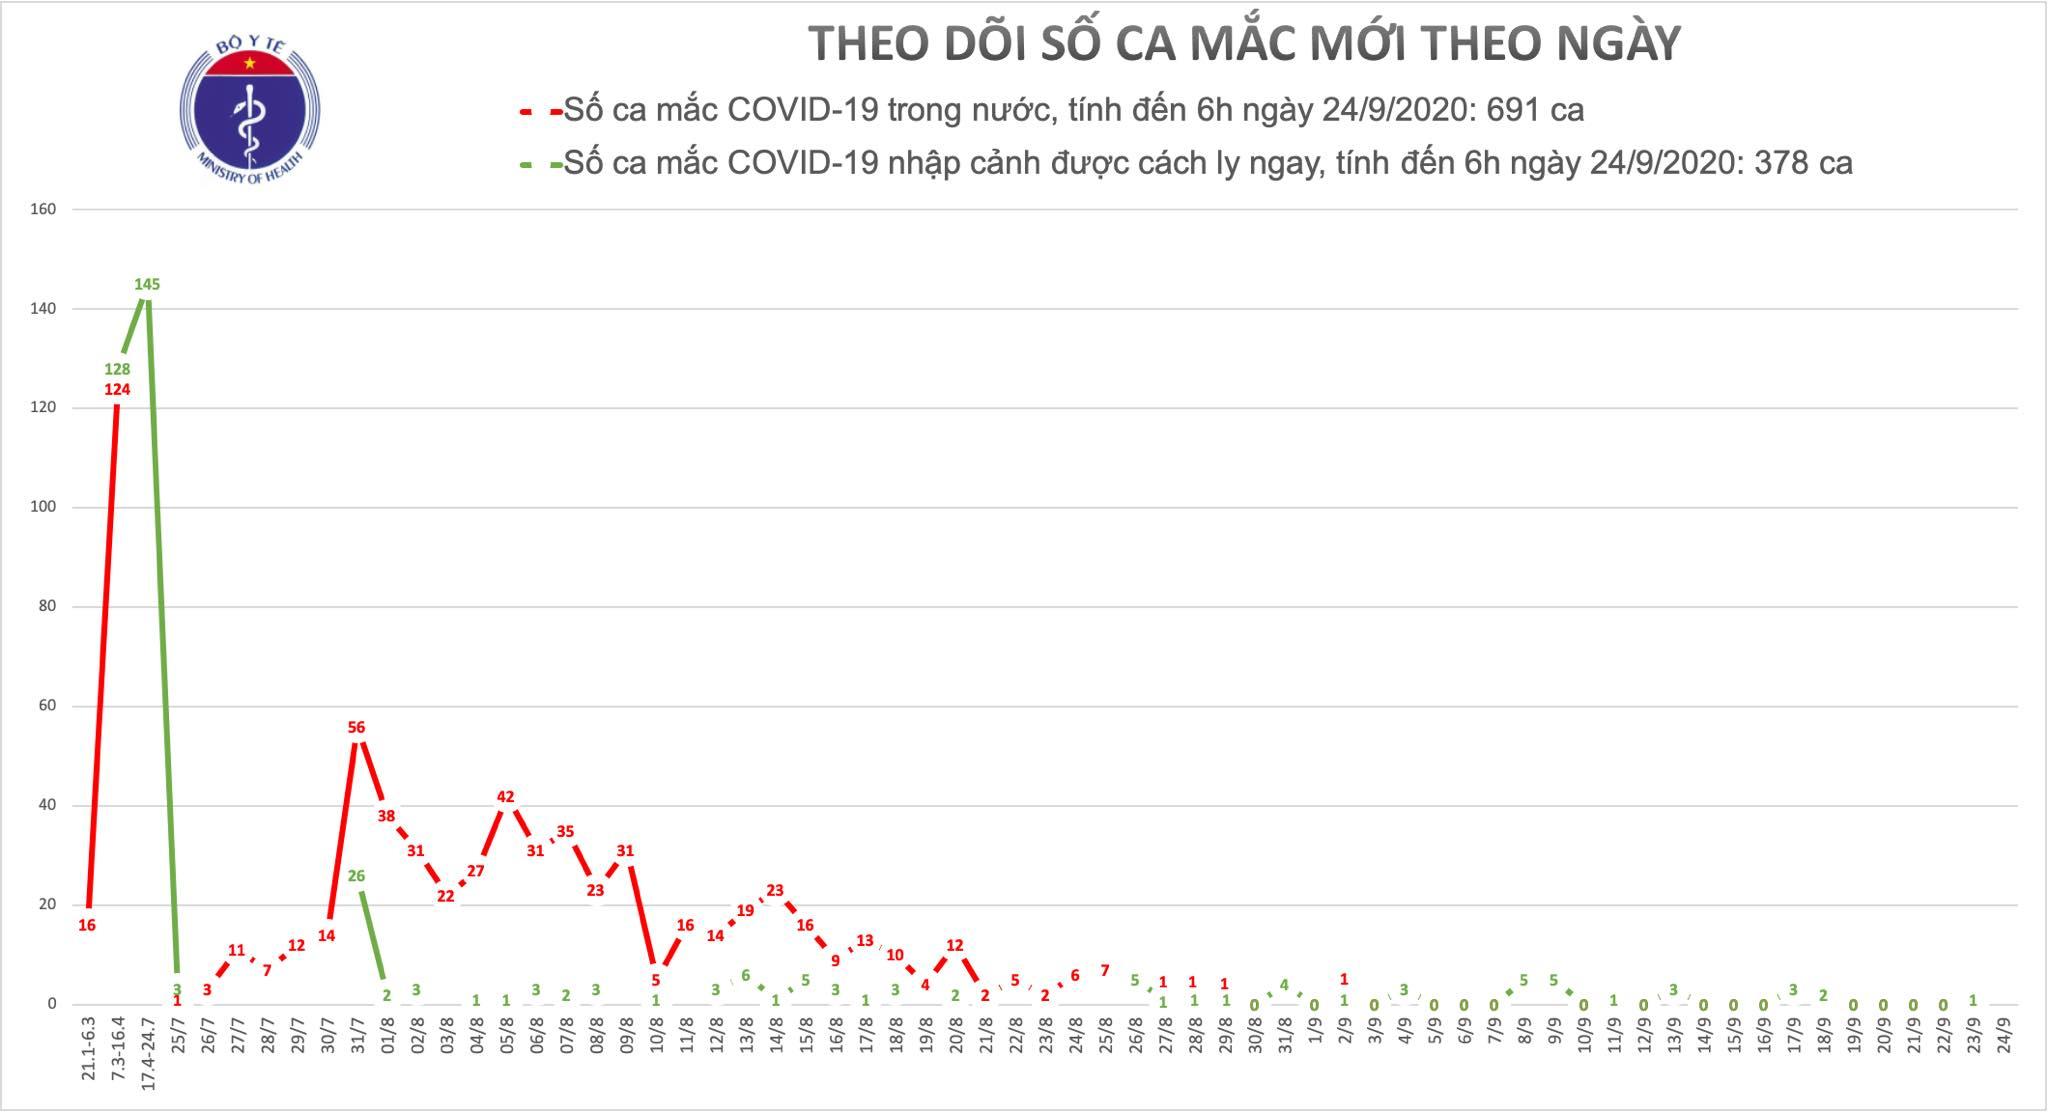 22 ngày không ghi nhận ca mắc mới COVID-19 ở cộng đồng